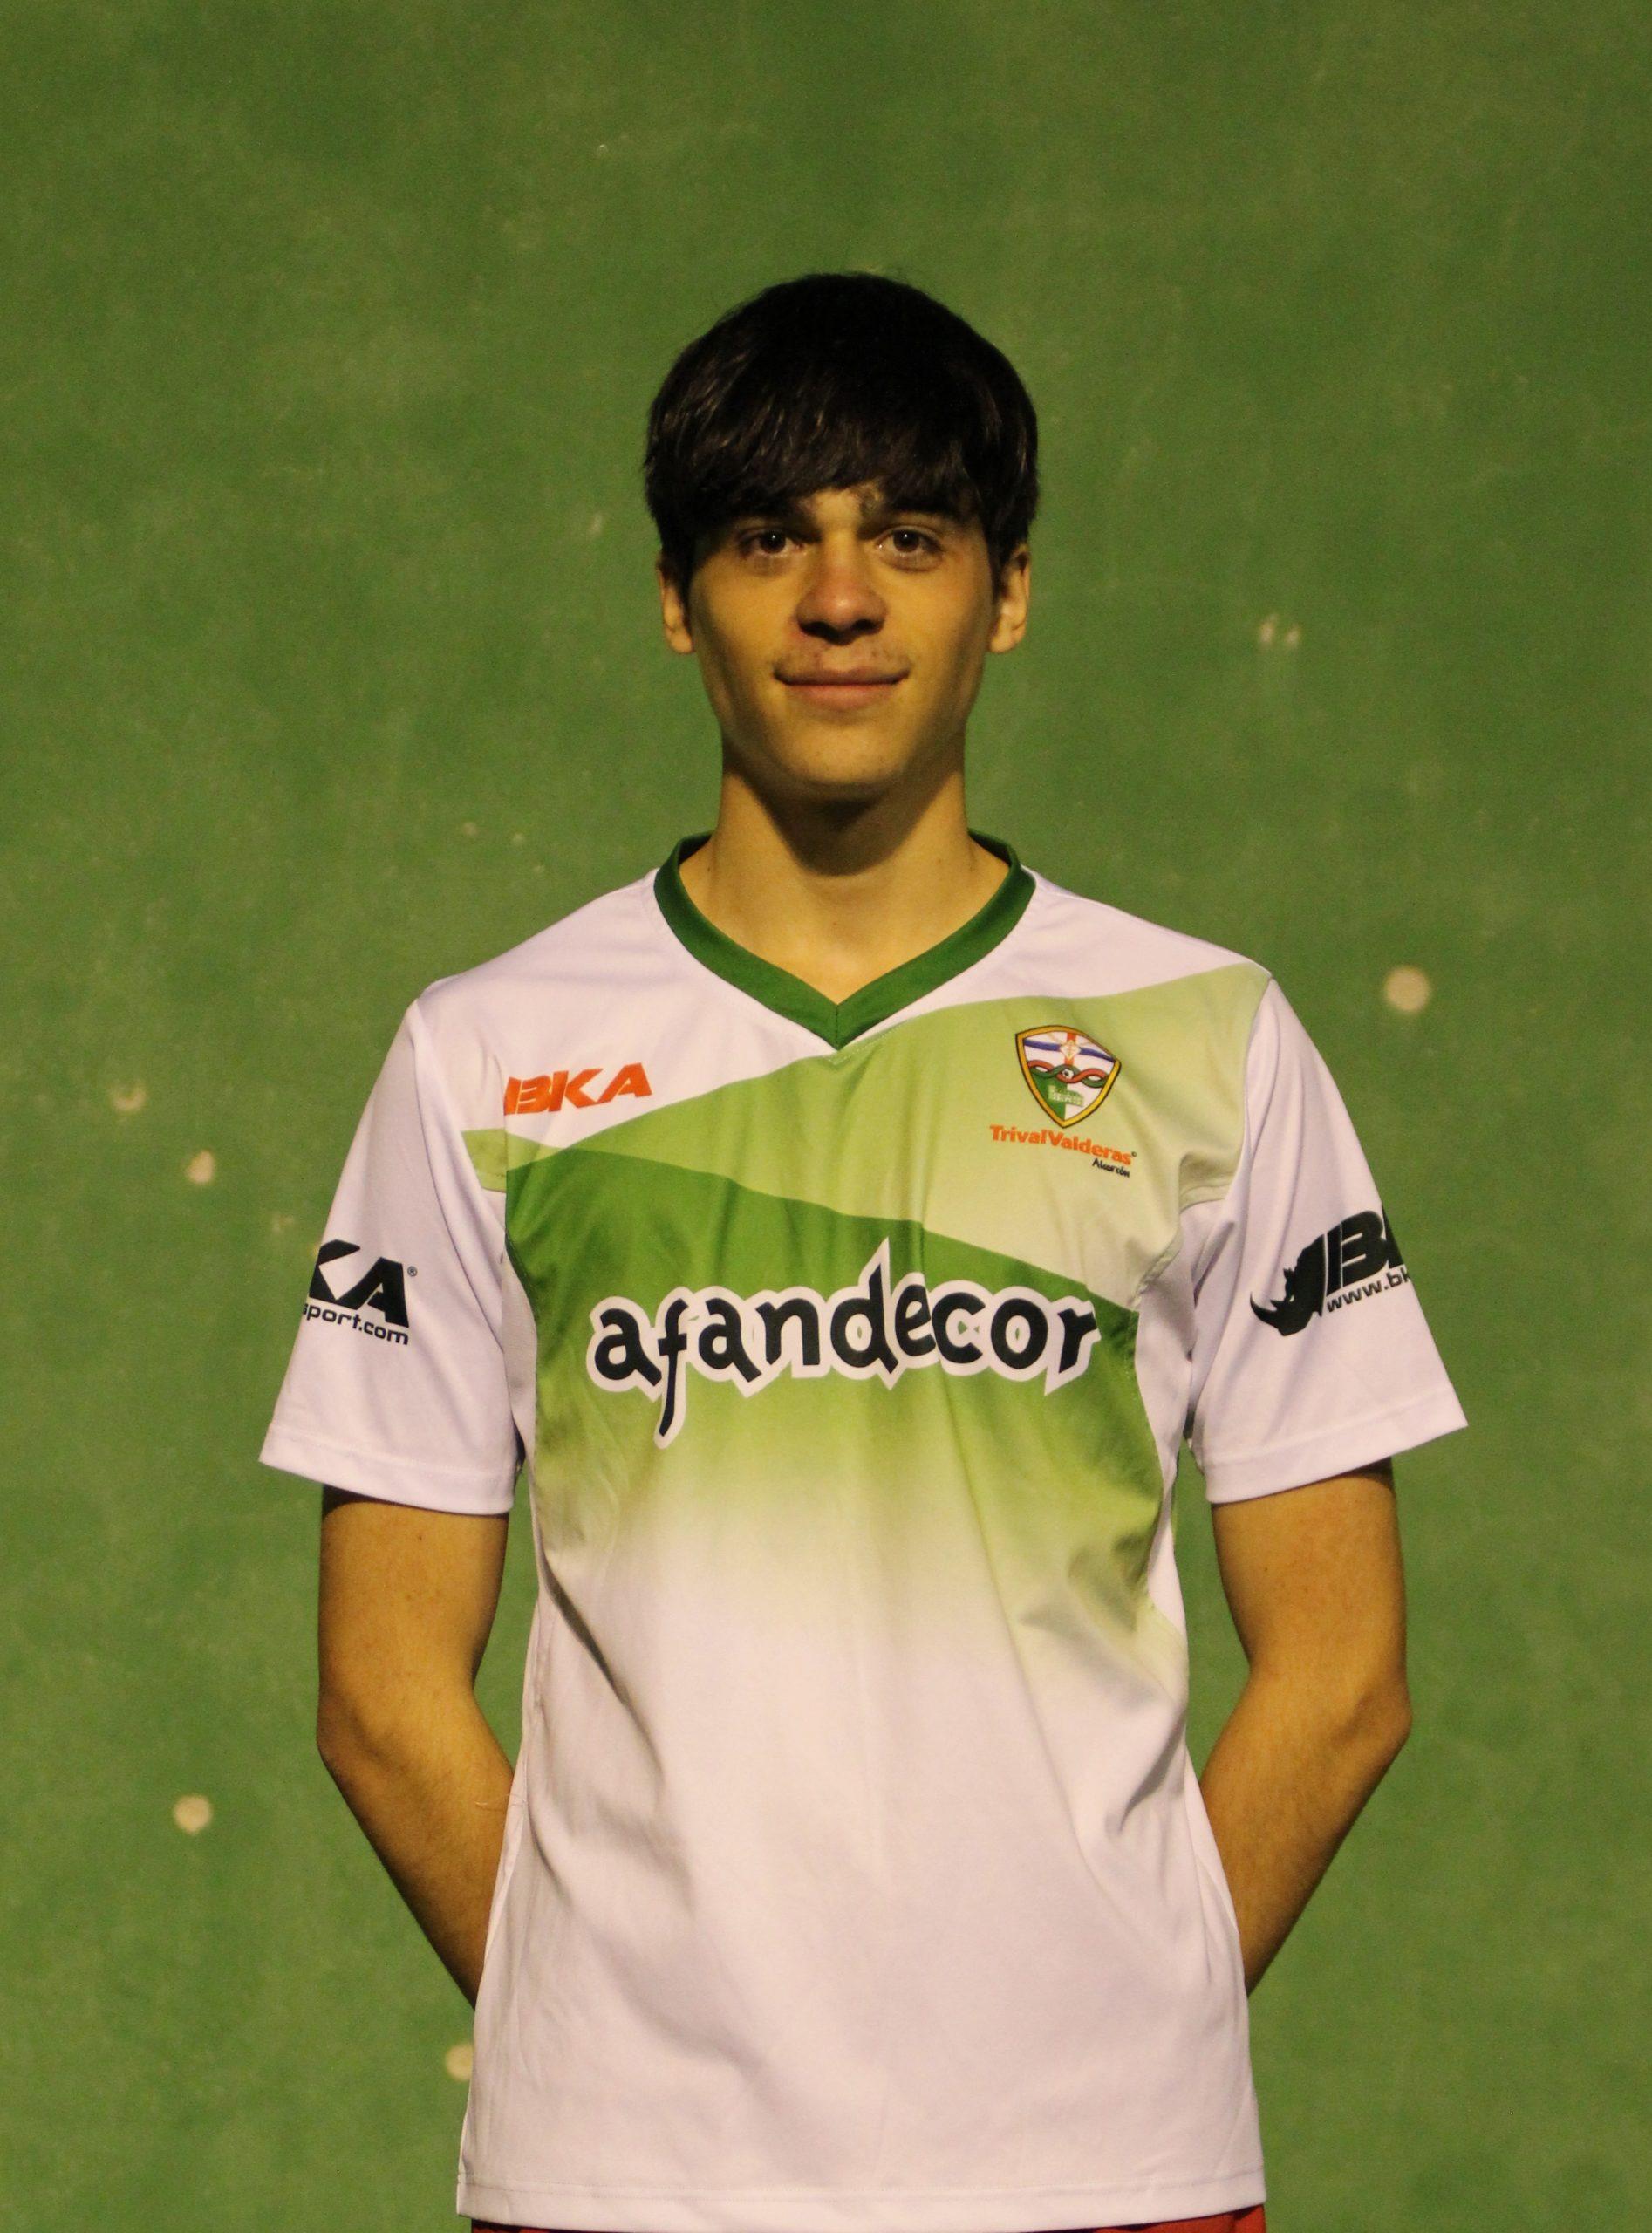 1 Alberto Gómez Abad